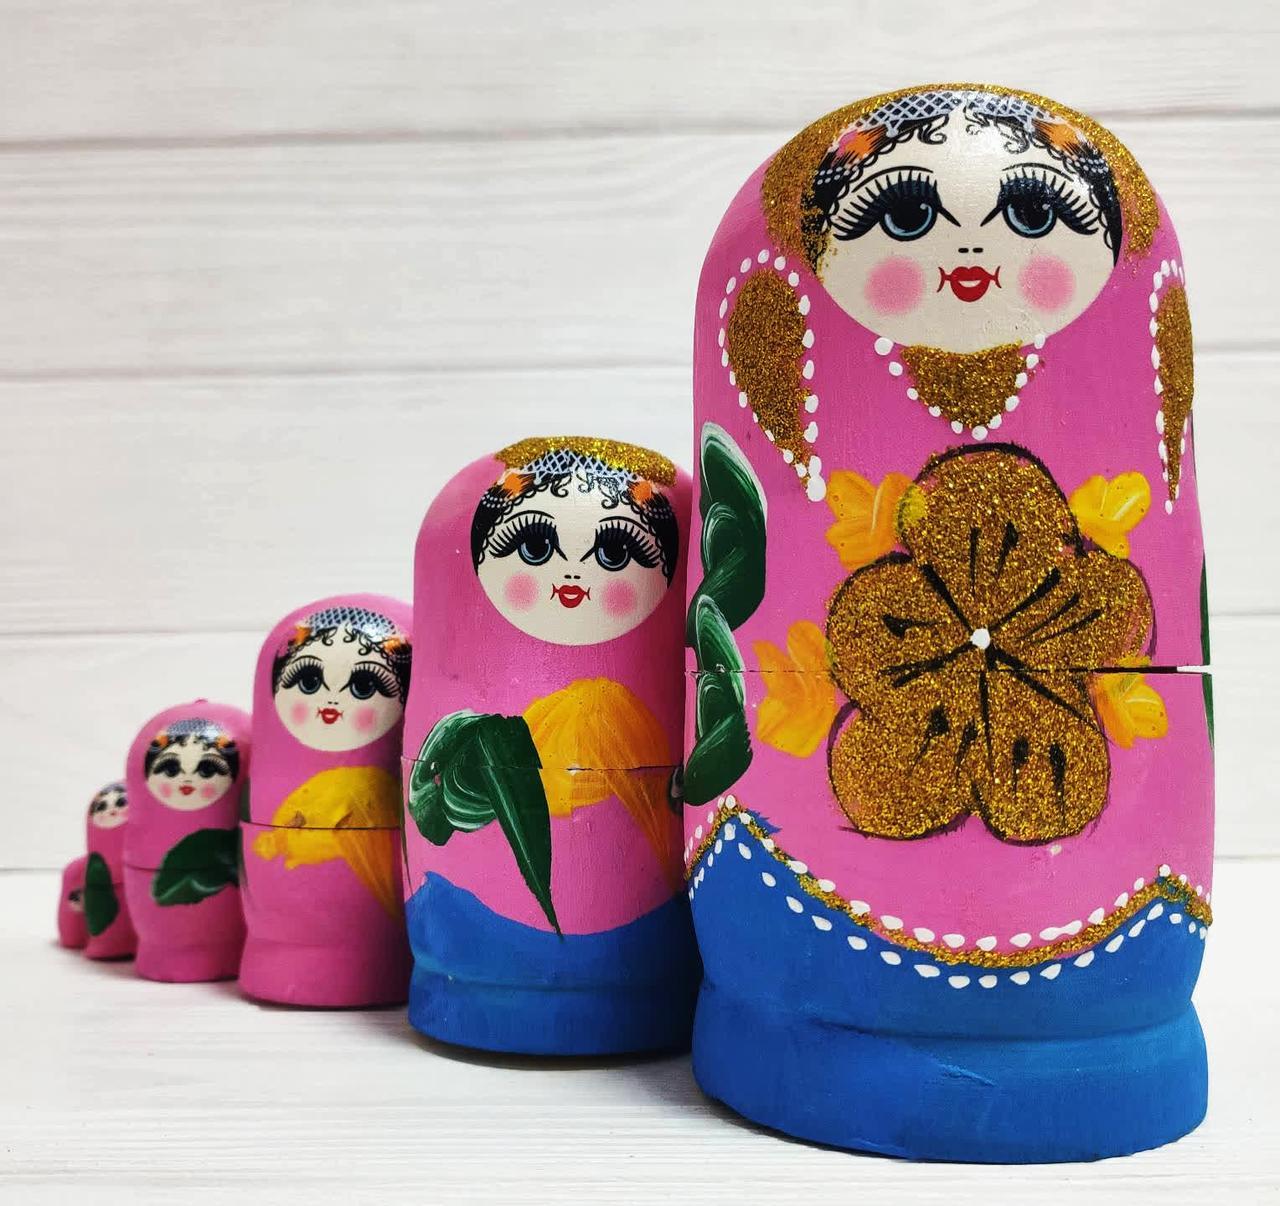 Набор деревянных расписных сувенирных матрешек 5 шт